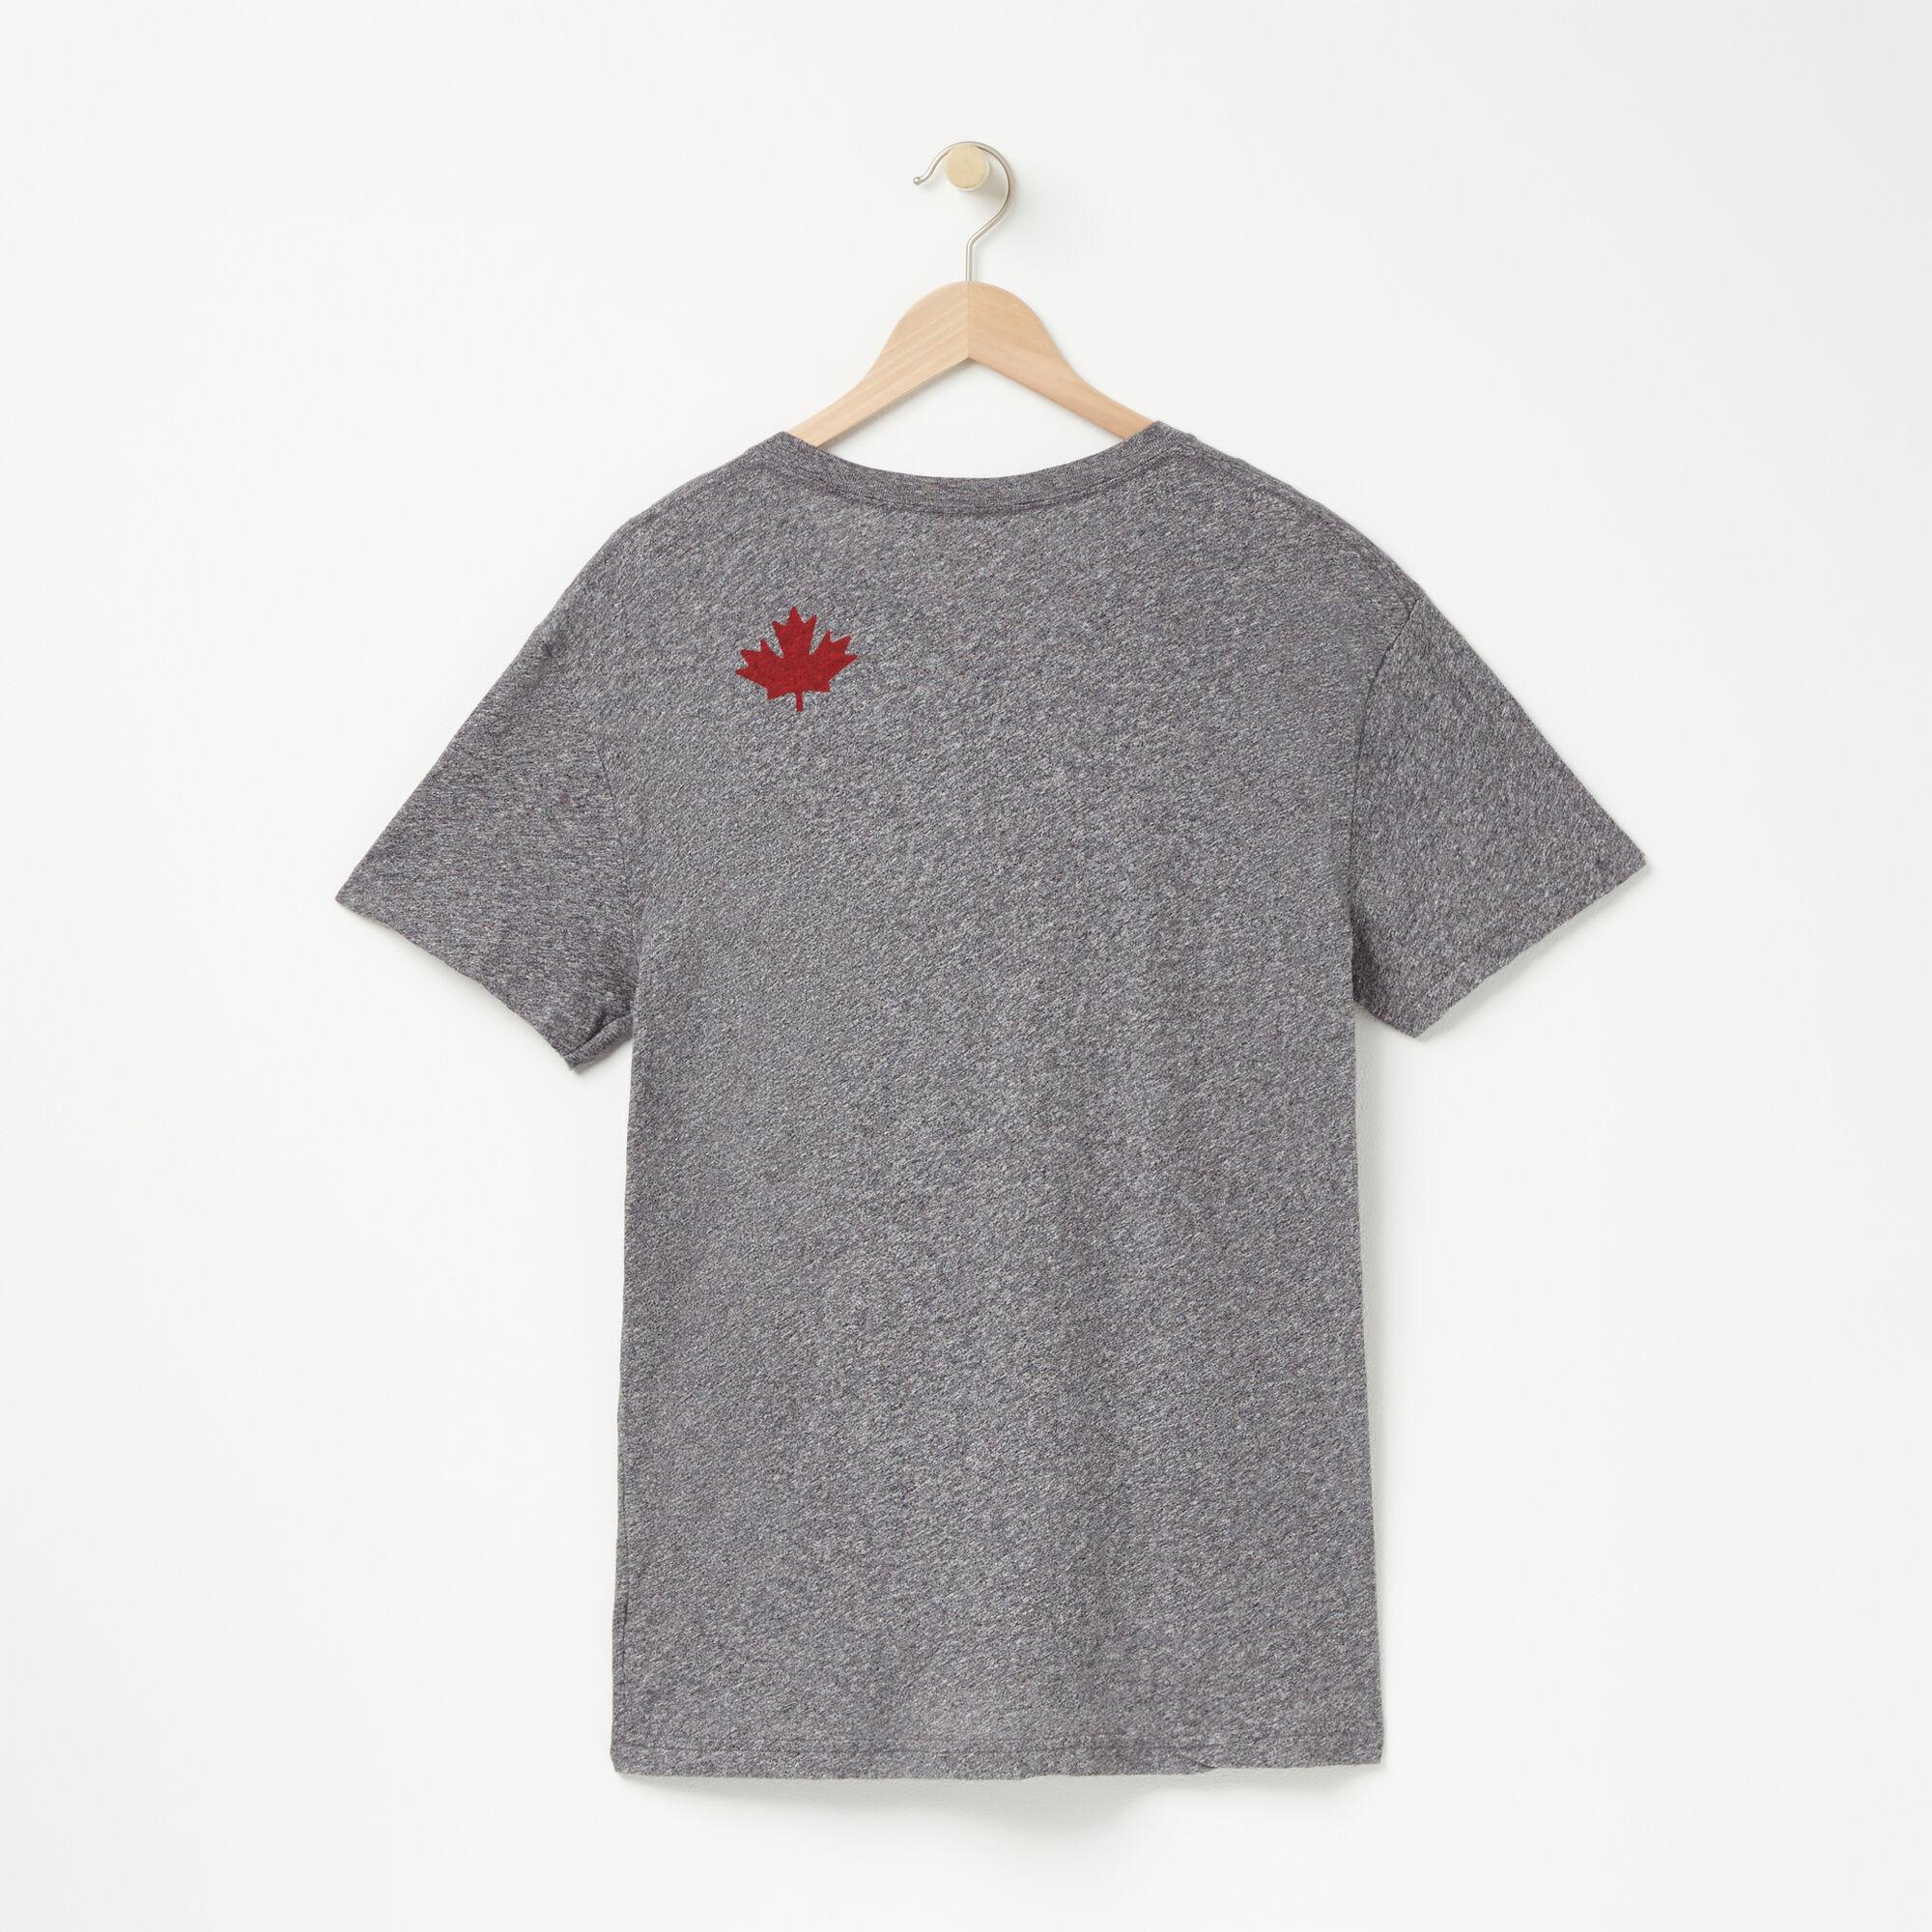 T-shirt Man Crt Cooper Can H